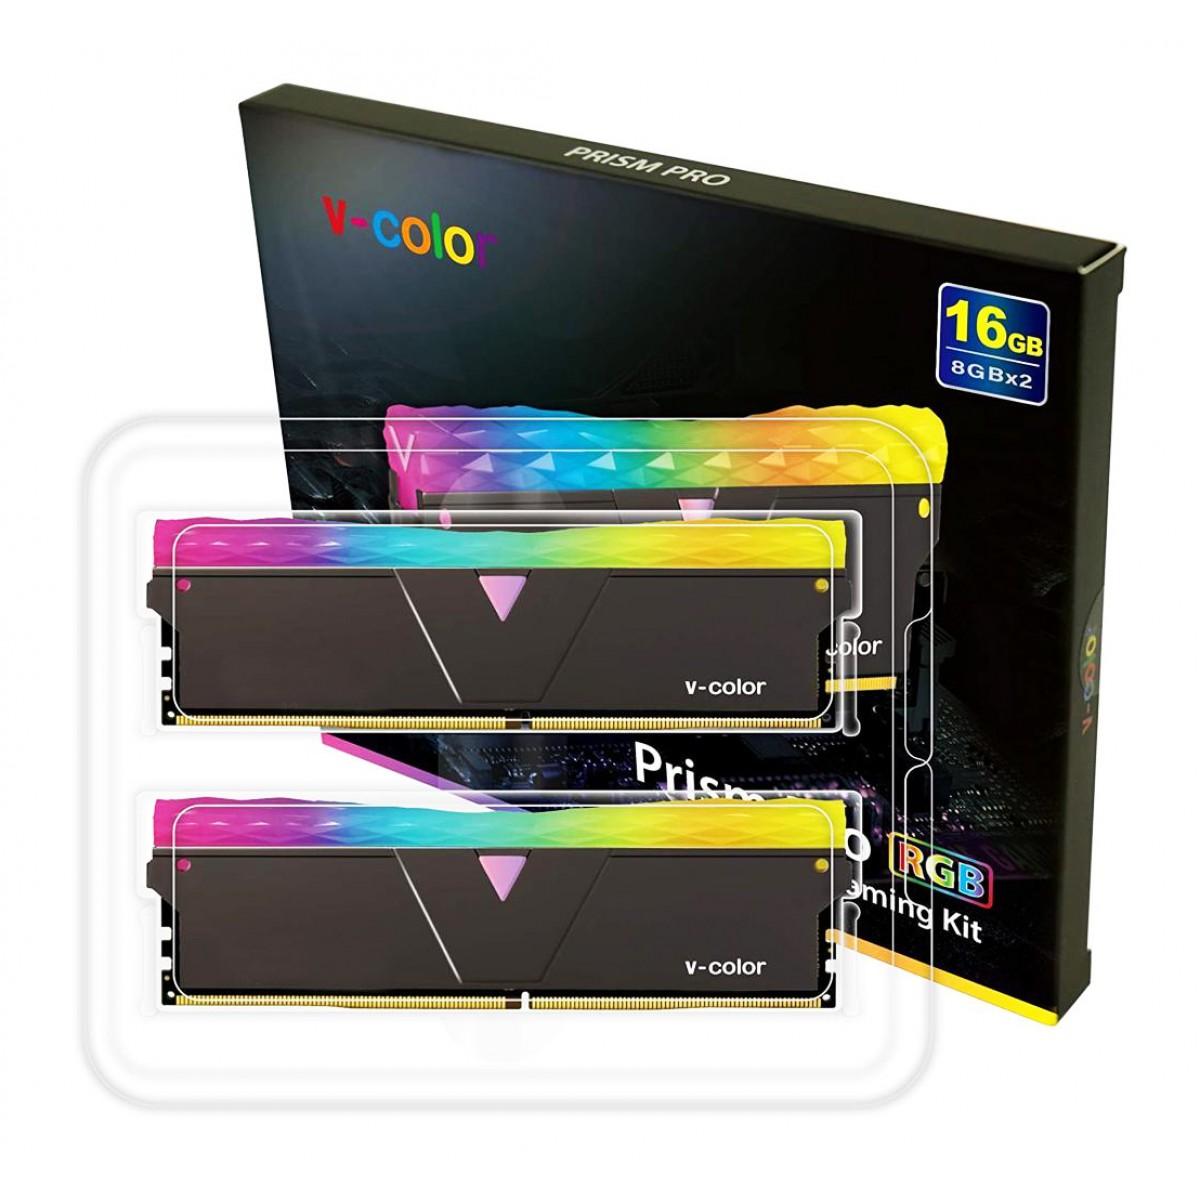 Memória DDR4 V-Color Prism Pro, 16GB (2x8GB), 3200Mhz, RGB, Black, TL8G32816D-E6PRKWK